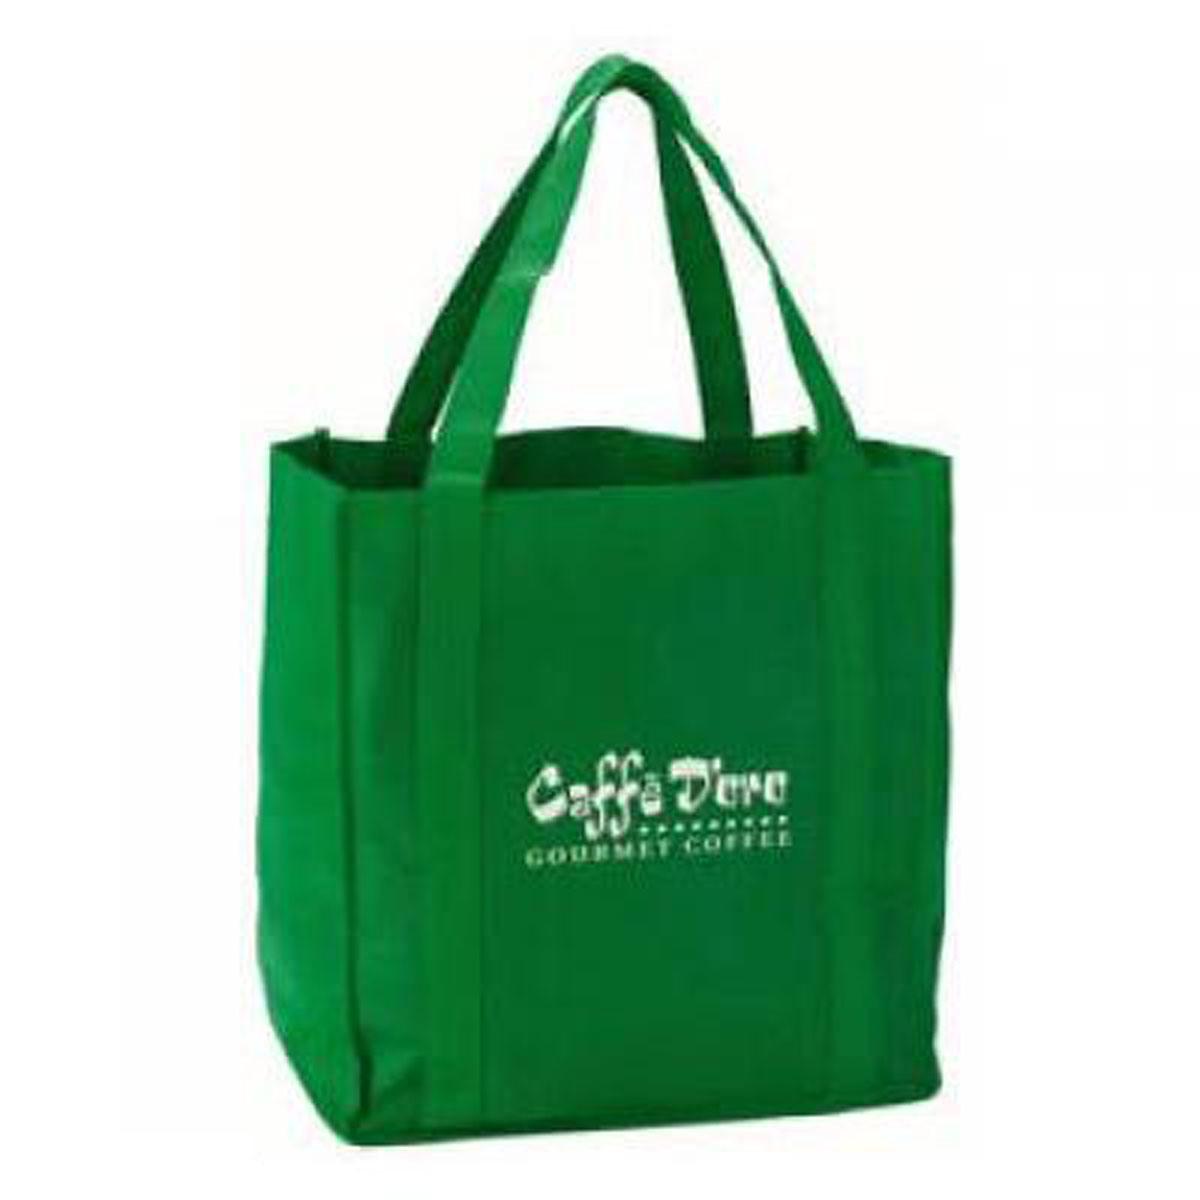 Recycle Bag ǵ�圖 Ž�片 ǚ�最新詳盡資料 ſ�看 Buzzjoker Com